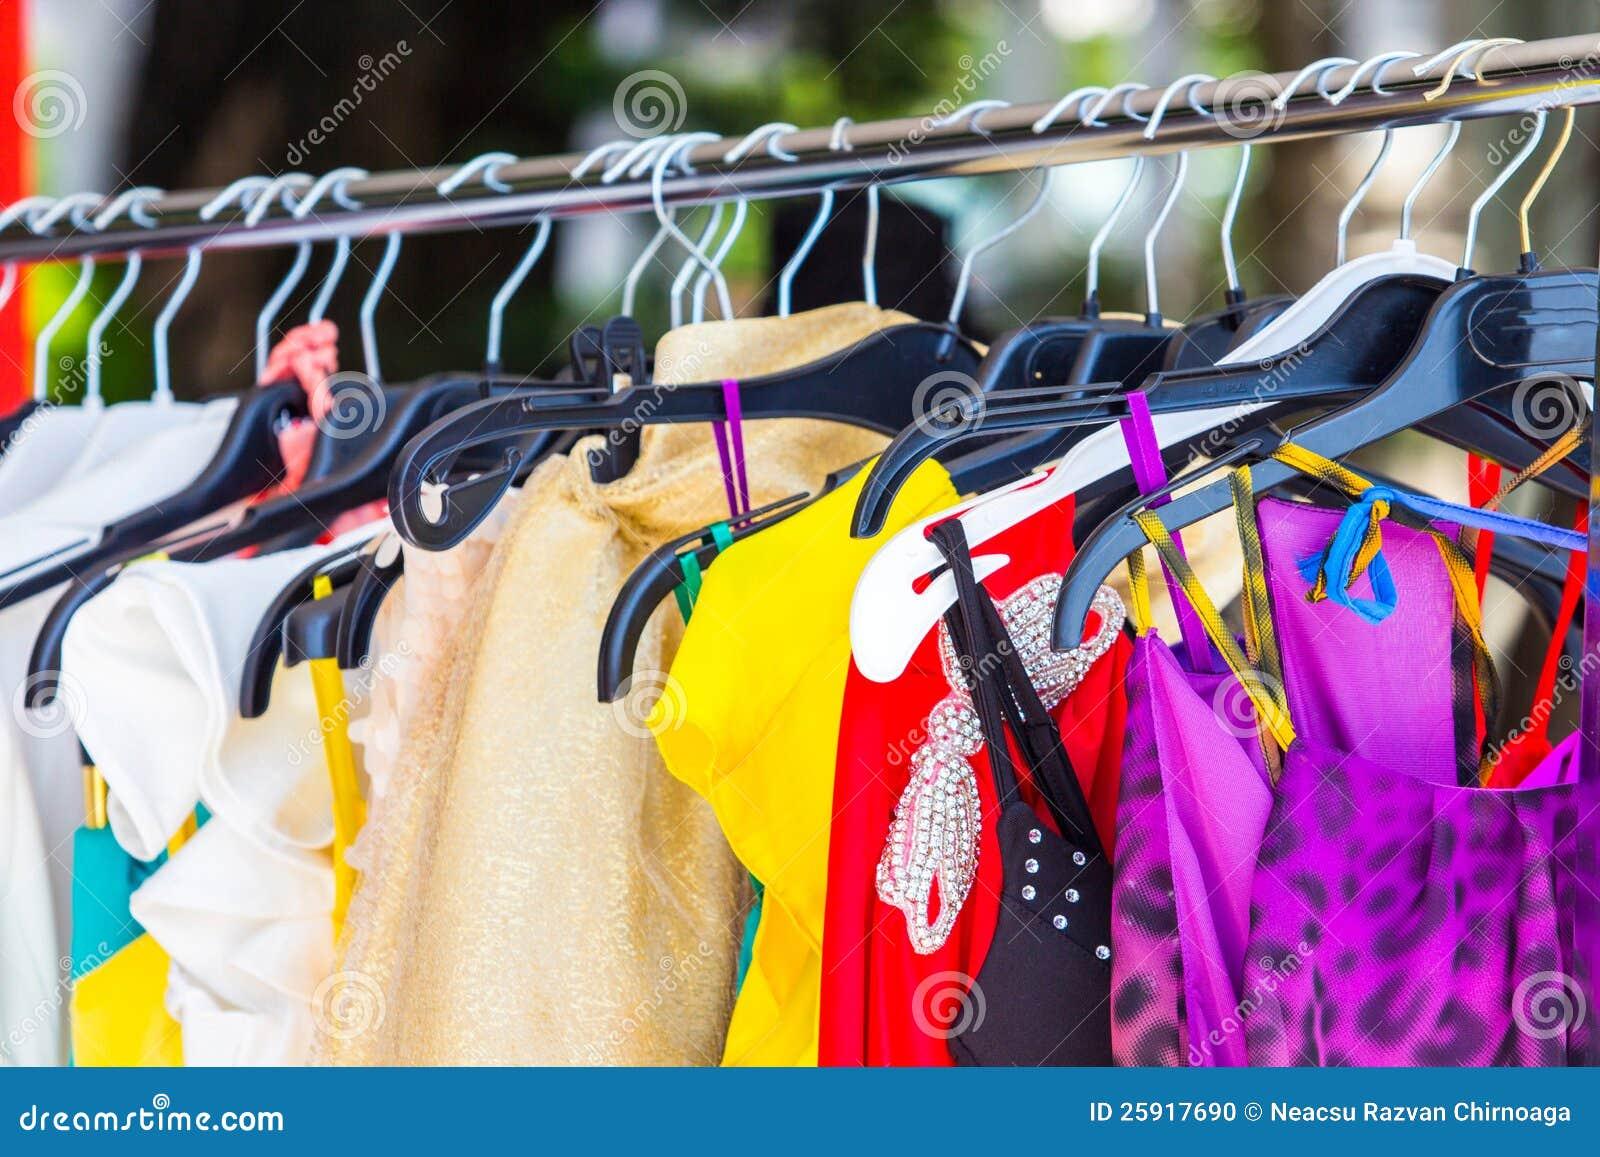 Ropa de moda en perchas foto de archivo imagen 25917690 - Perchas para ropa de bebe ...